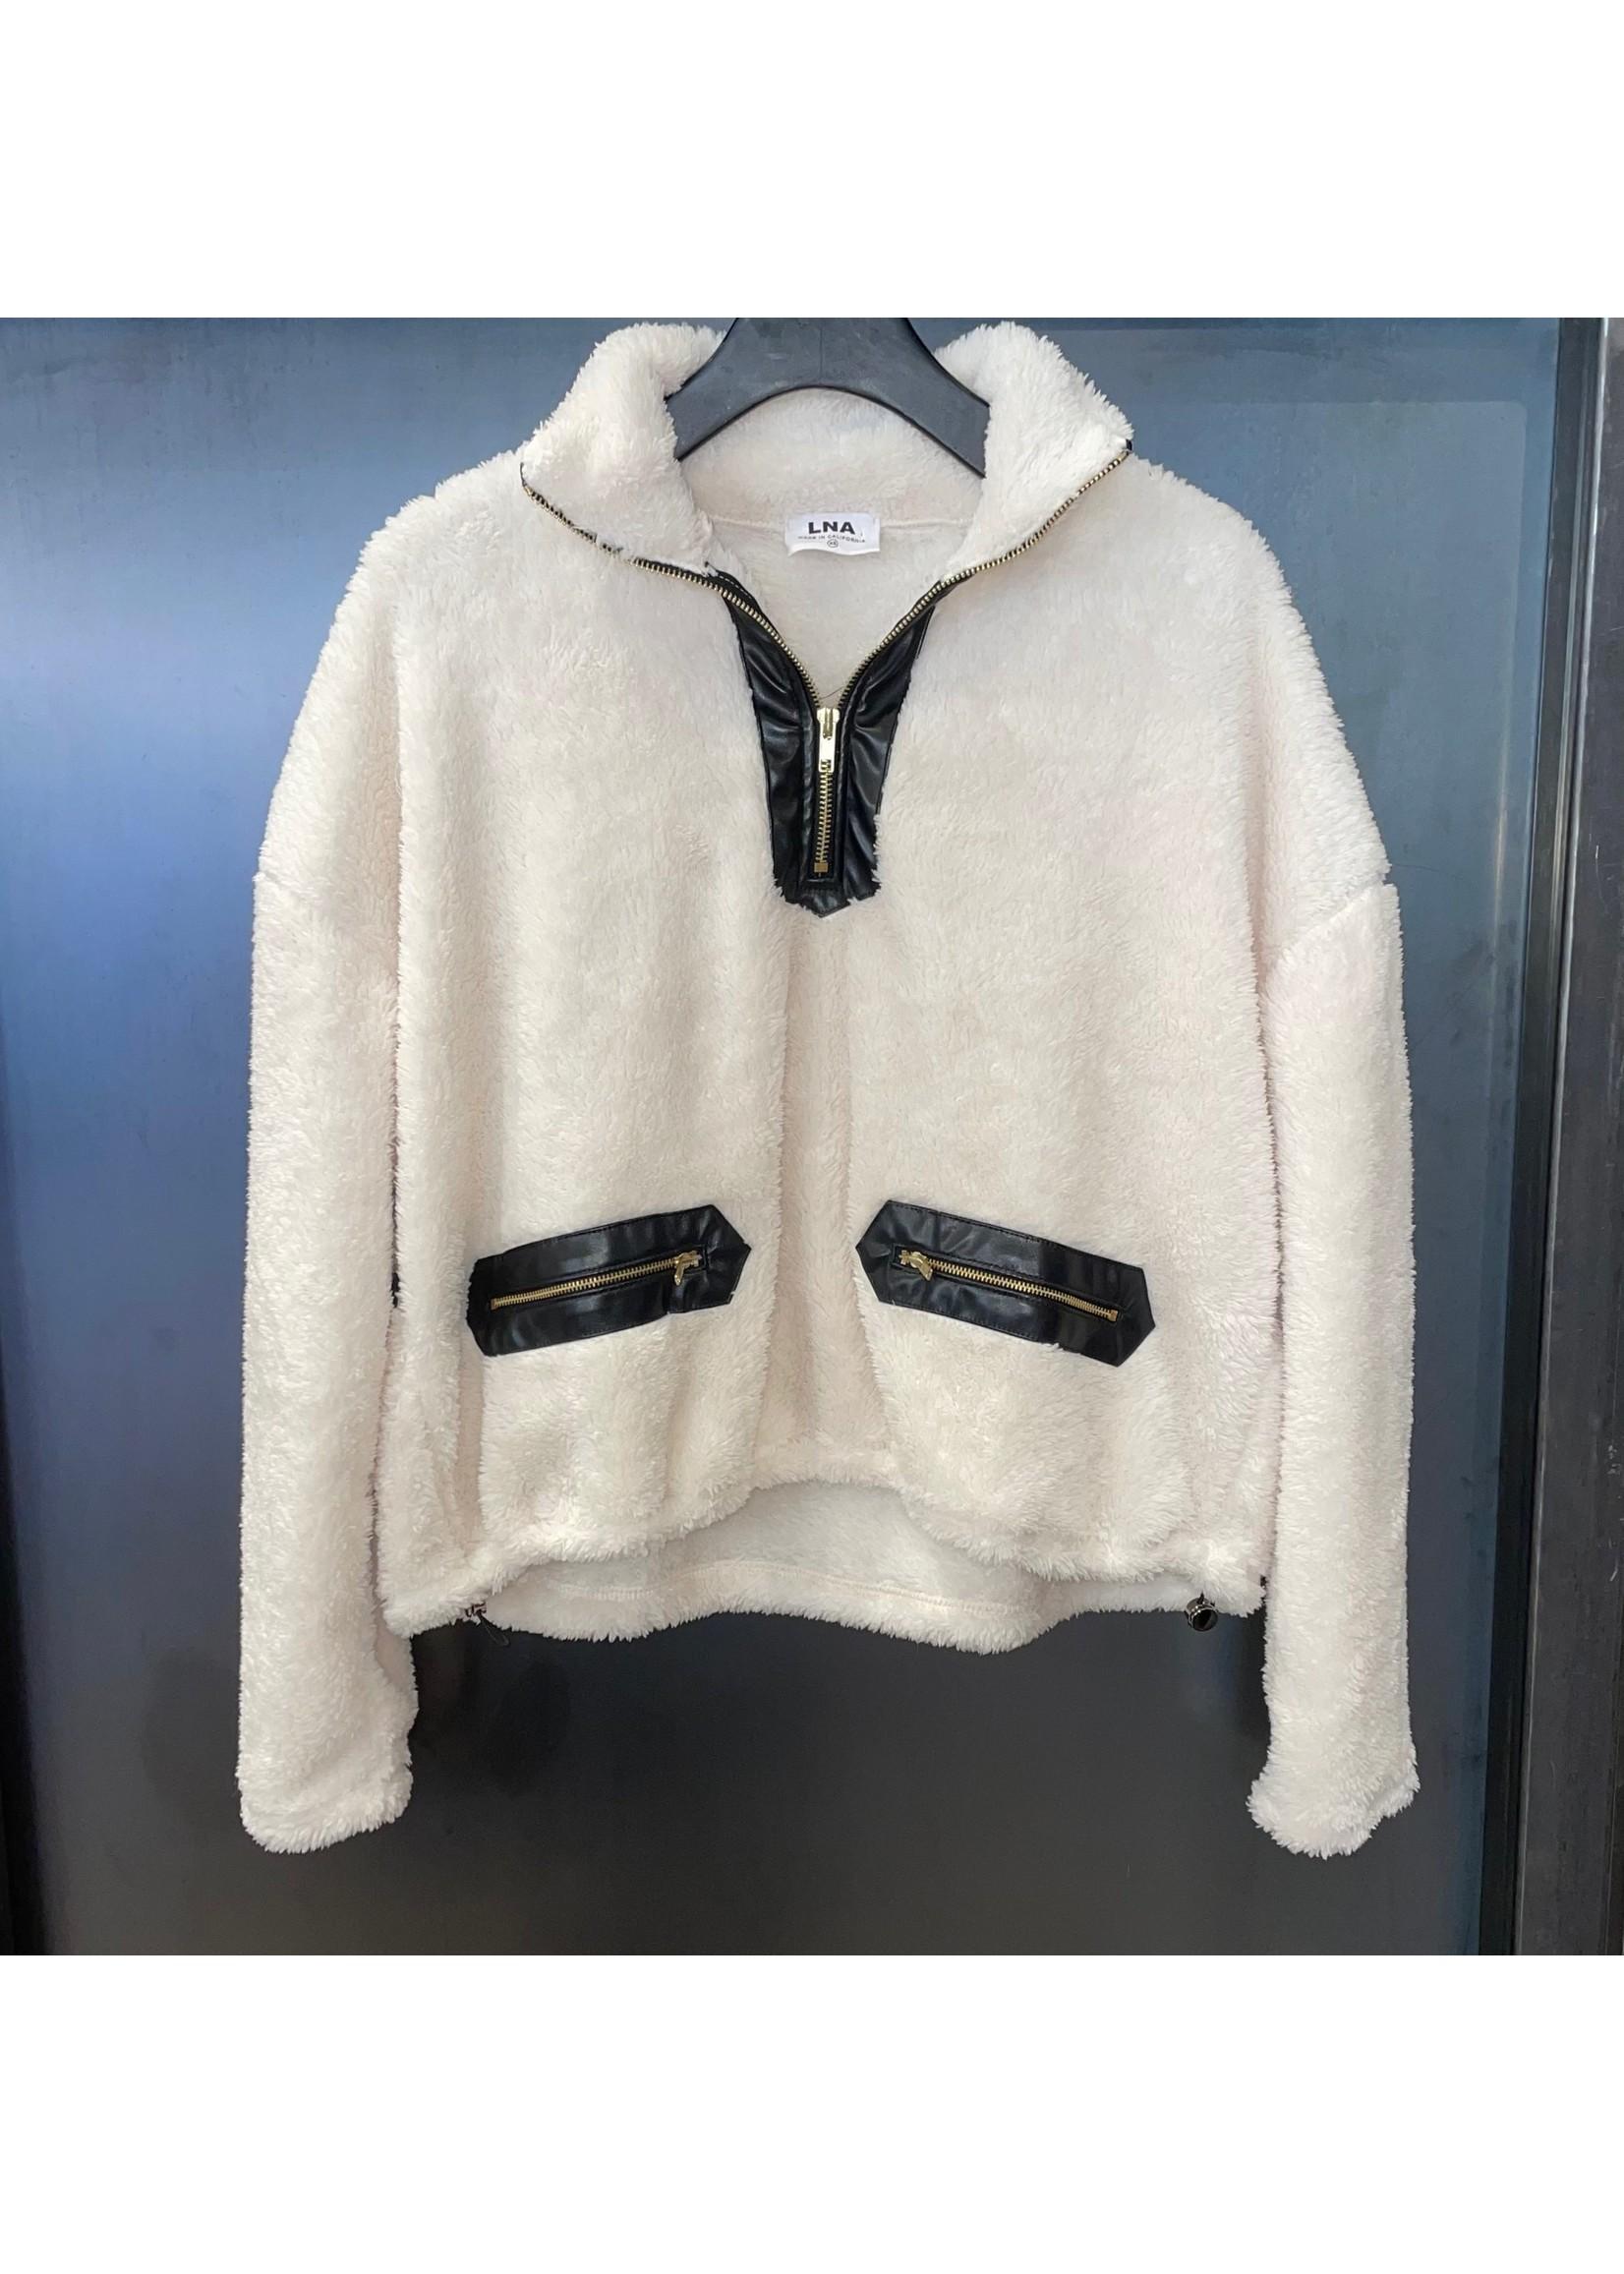 LNA LNA Contrast Sherpa Jacket